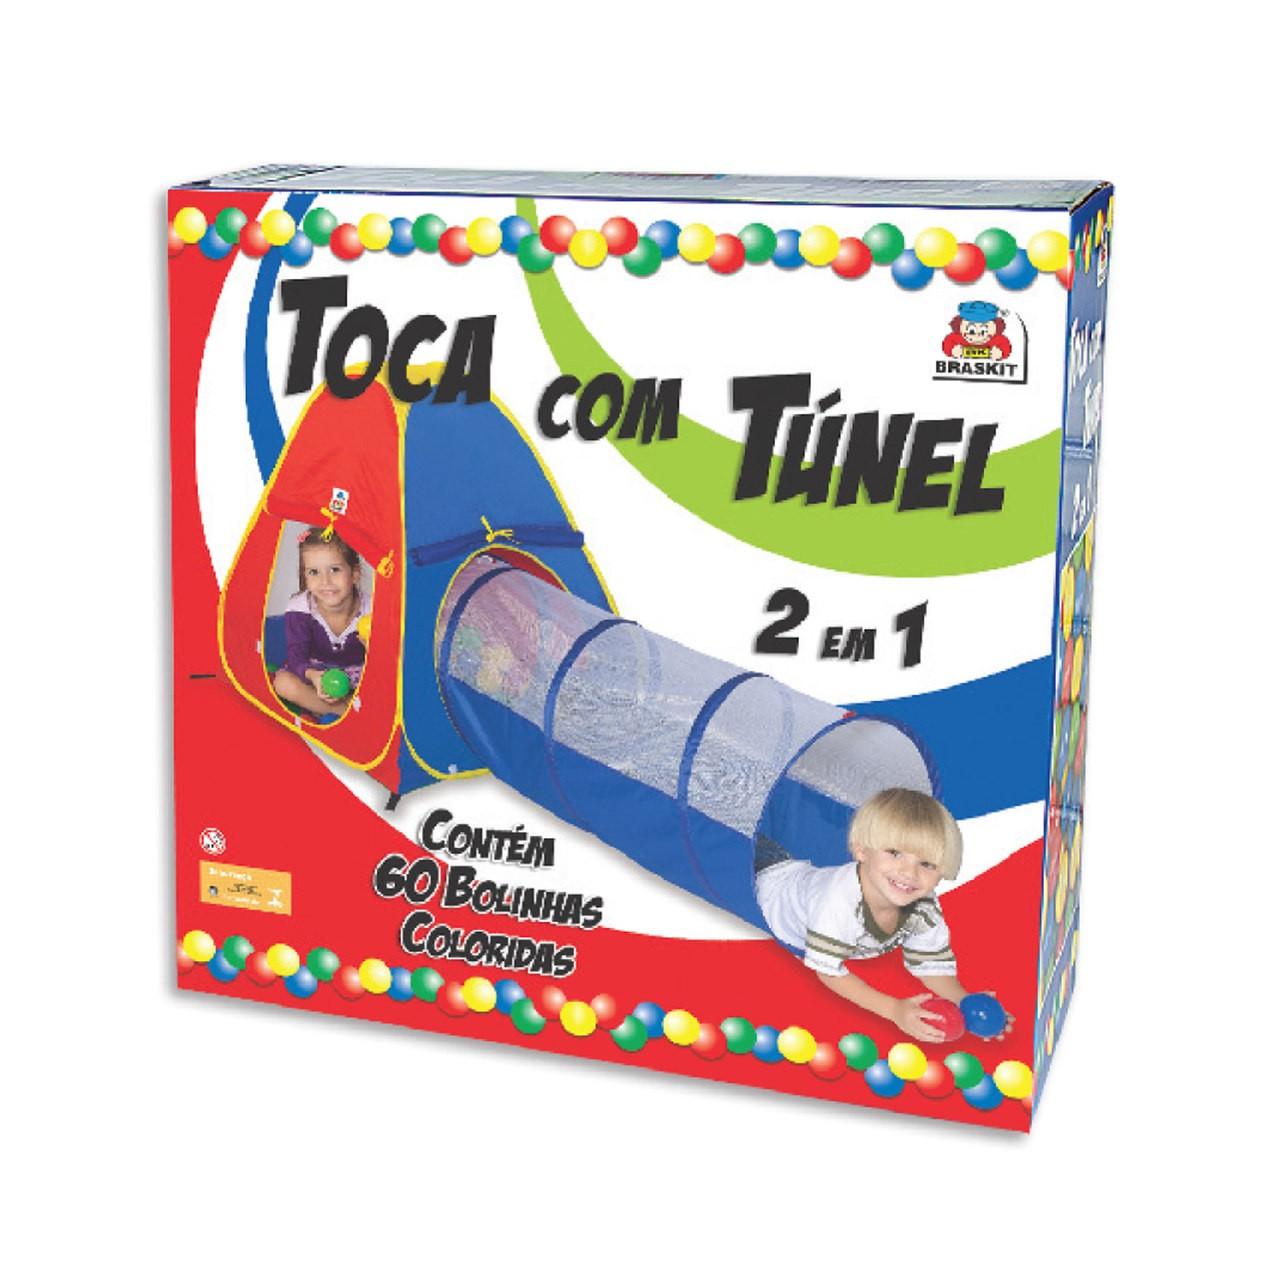 Barraca Toca Infantil 2 Em 1 Com 60 Bolinhas C/ Selo Inmetro